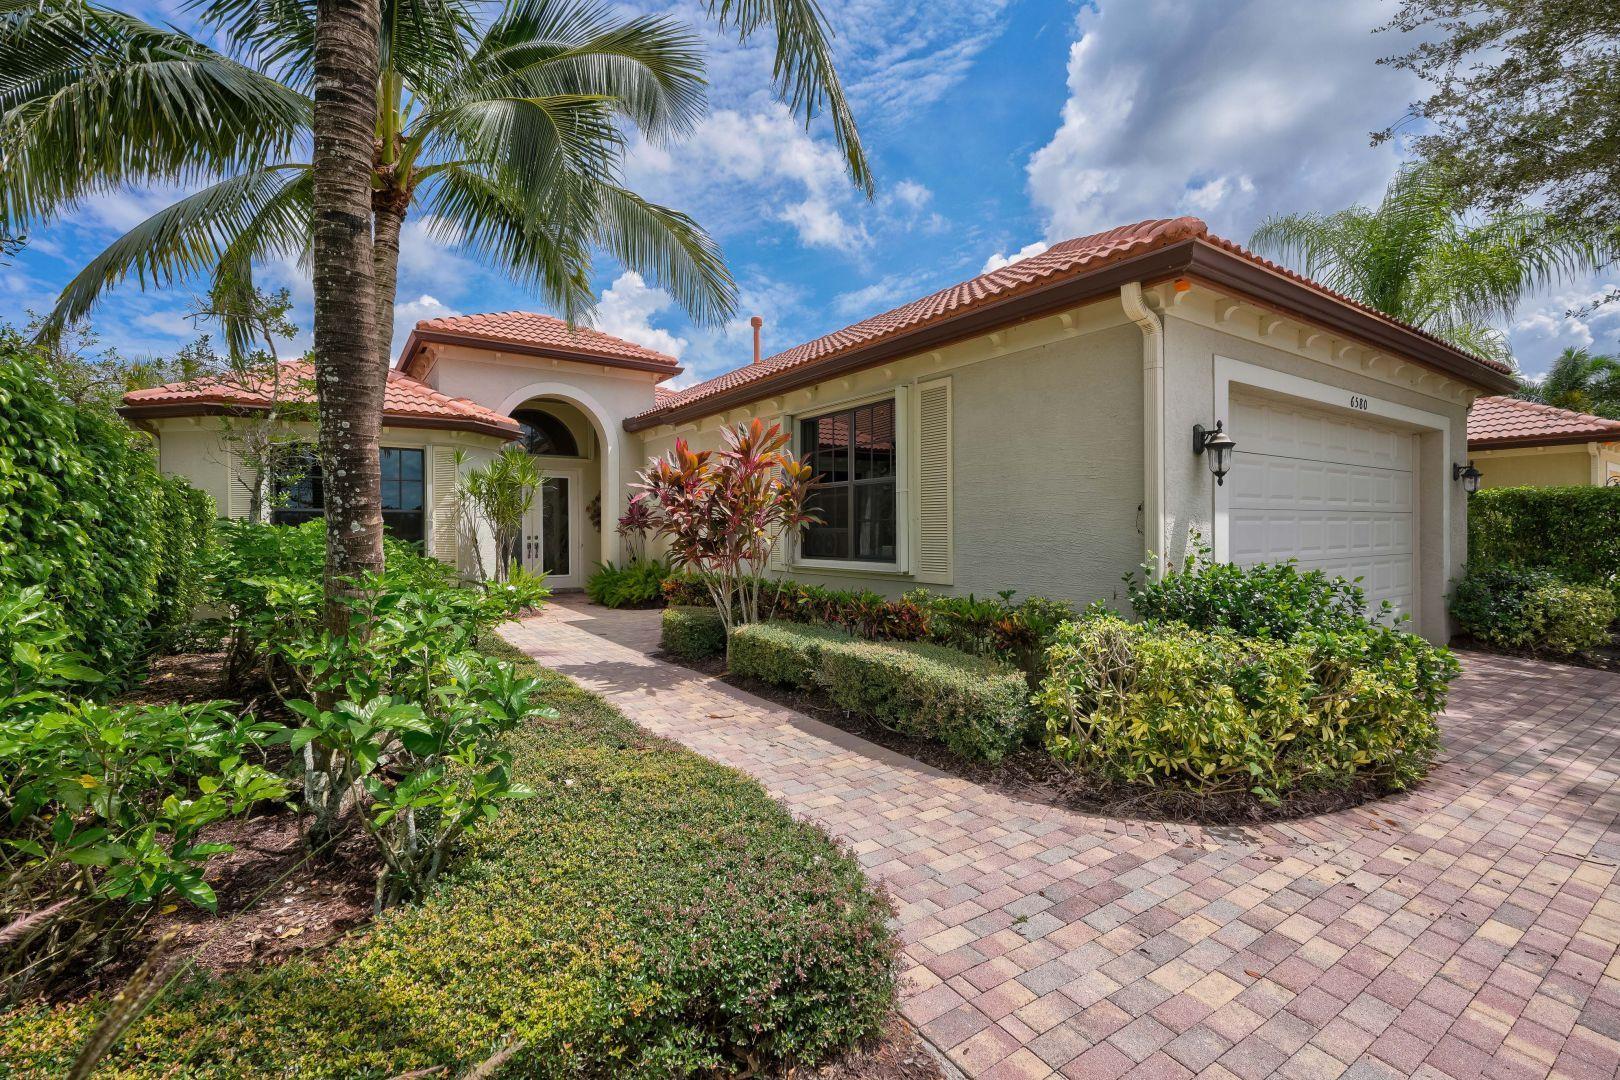 6580 Sparrow Hawk Drive, West Palm Beach, Florida 33412, 3 Bedrooms Bedrooms, ,3.1 BathroomsBathrooms,A,Single family,Sparrow Hawk,RX-10463870